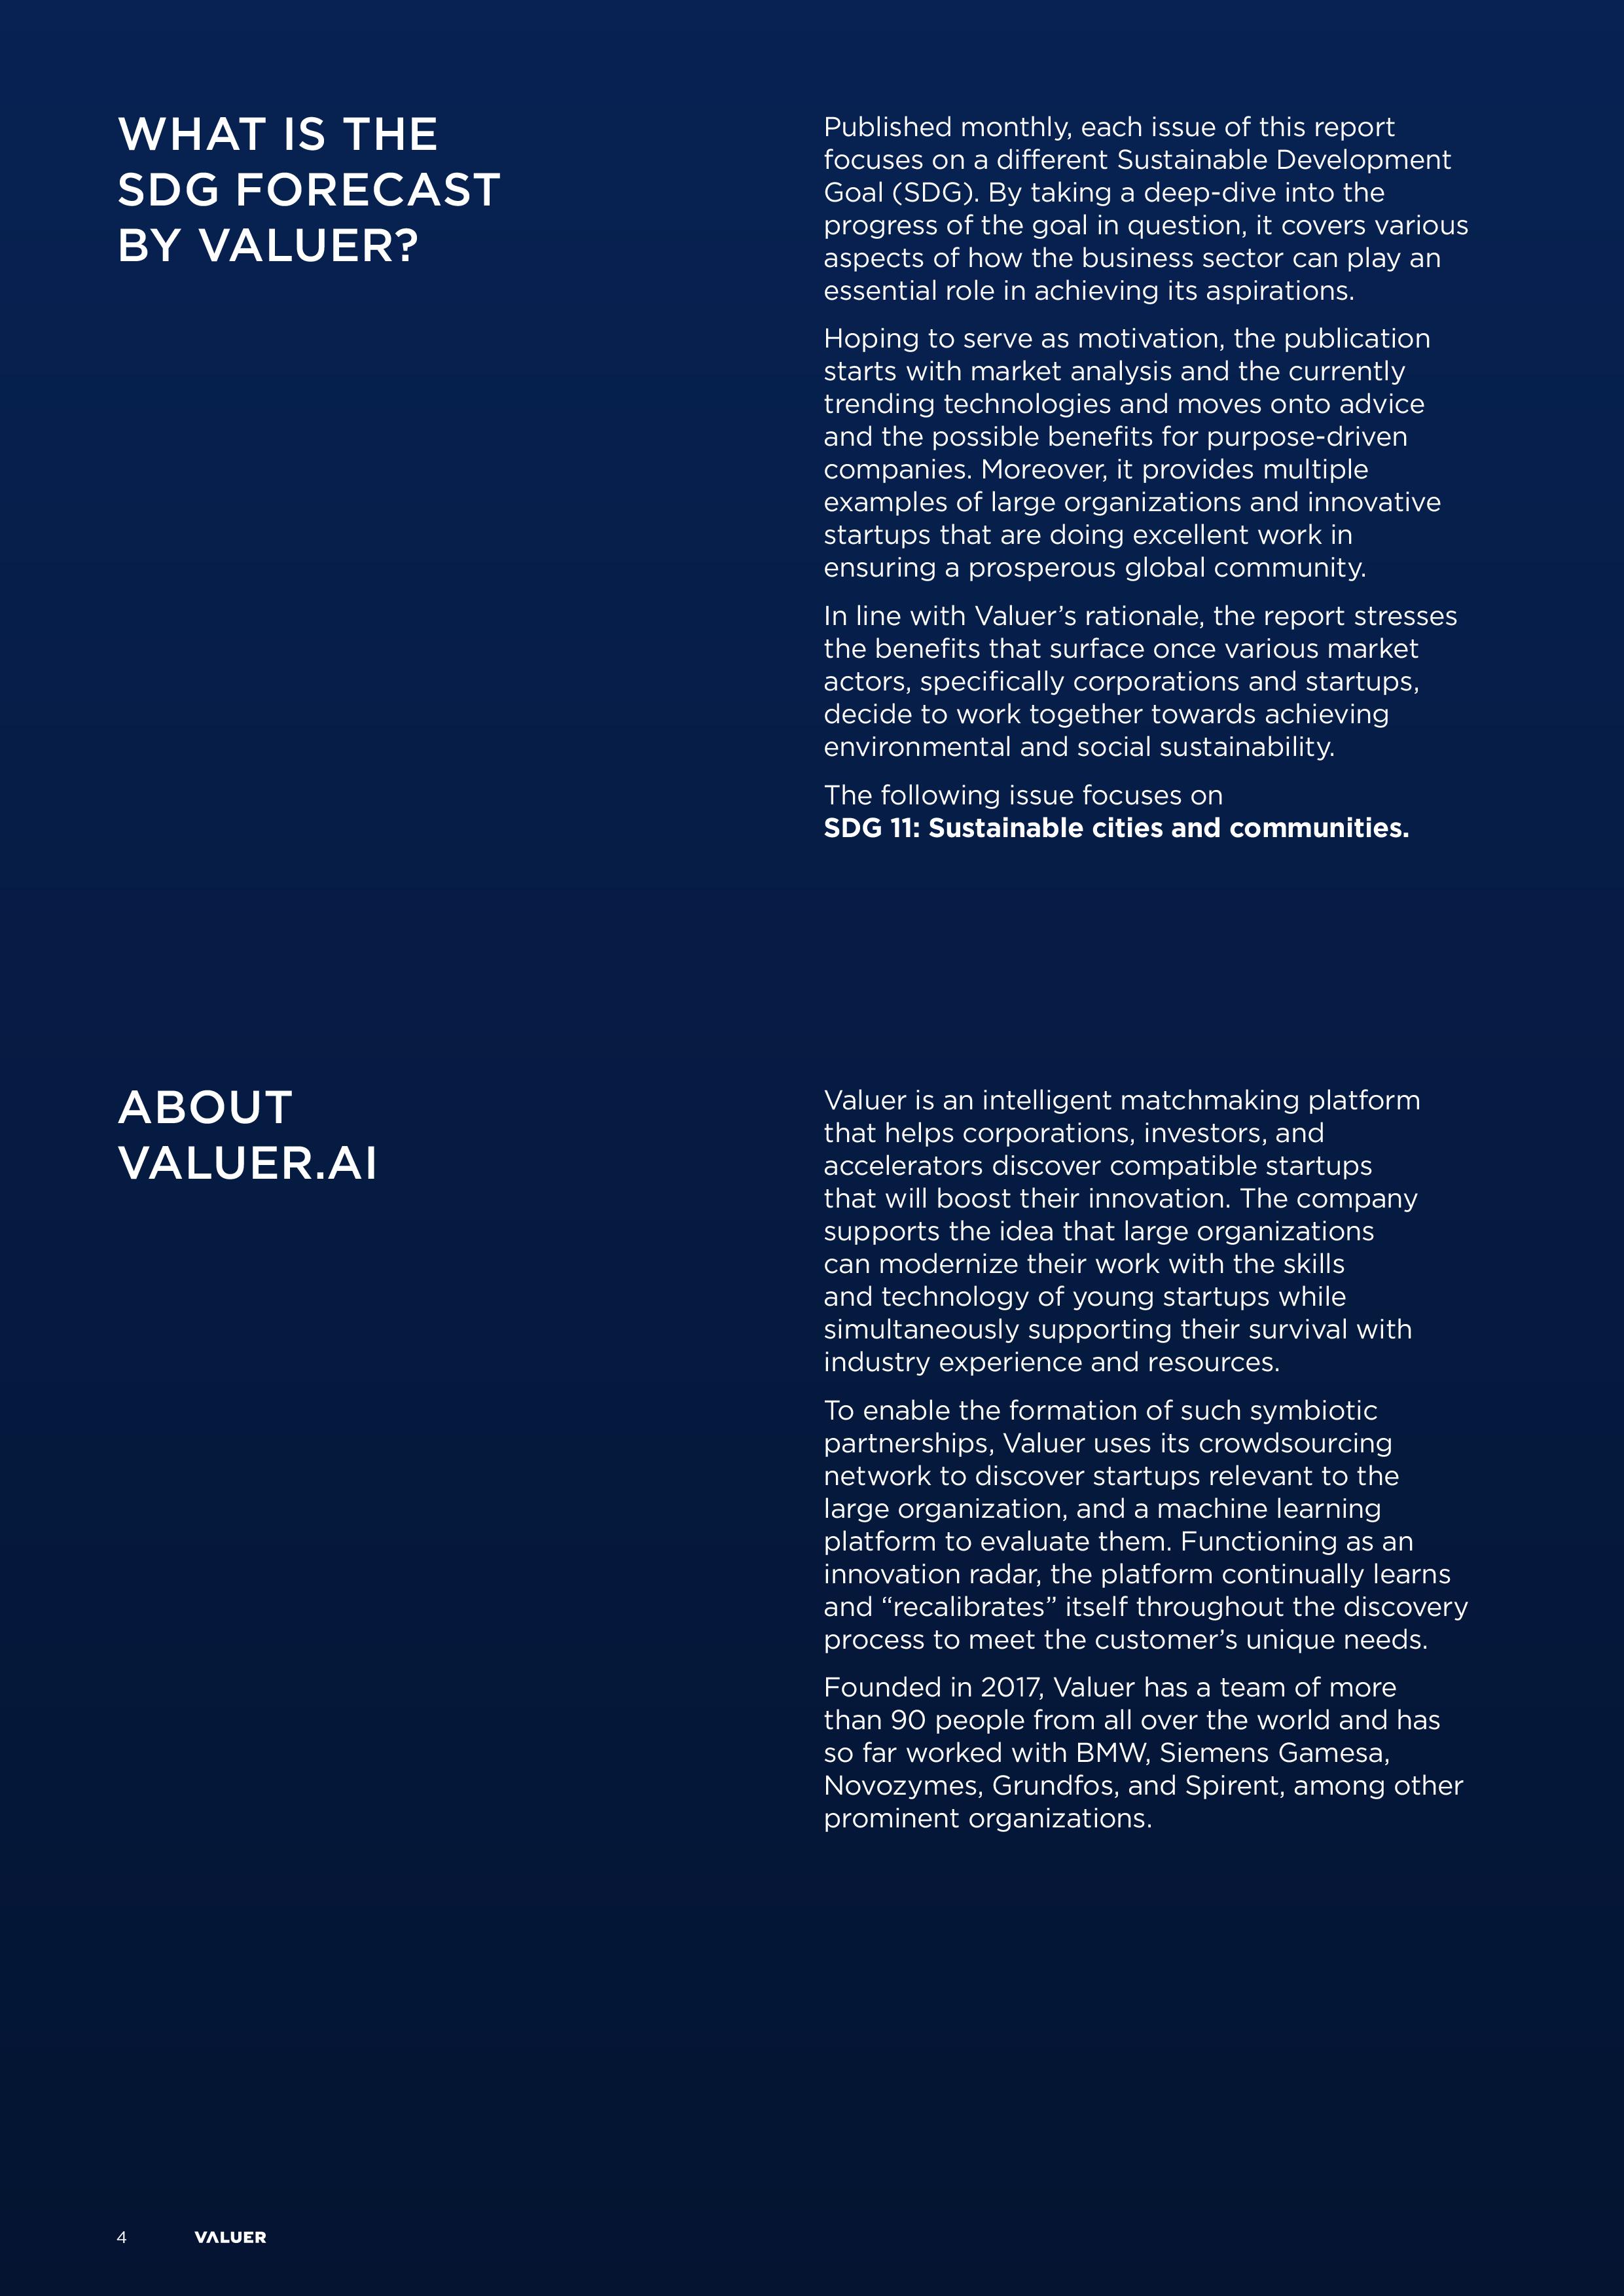 SDG 11 p. 1